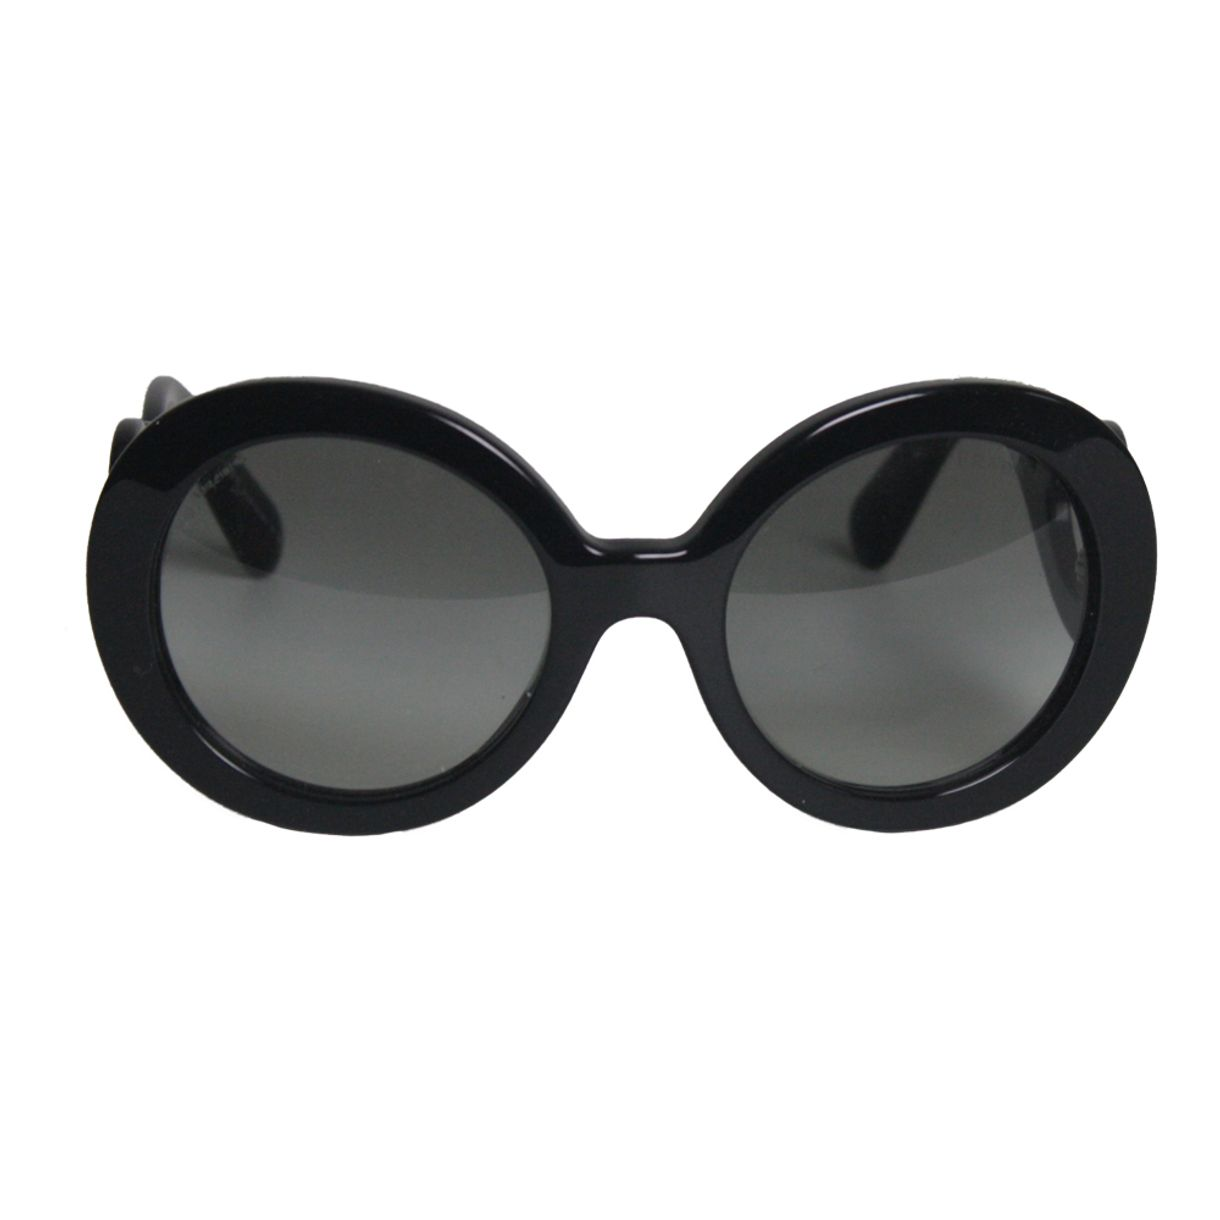 Oculos-Prada-Baroque-Preto